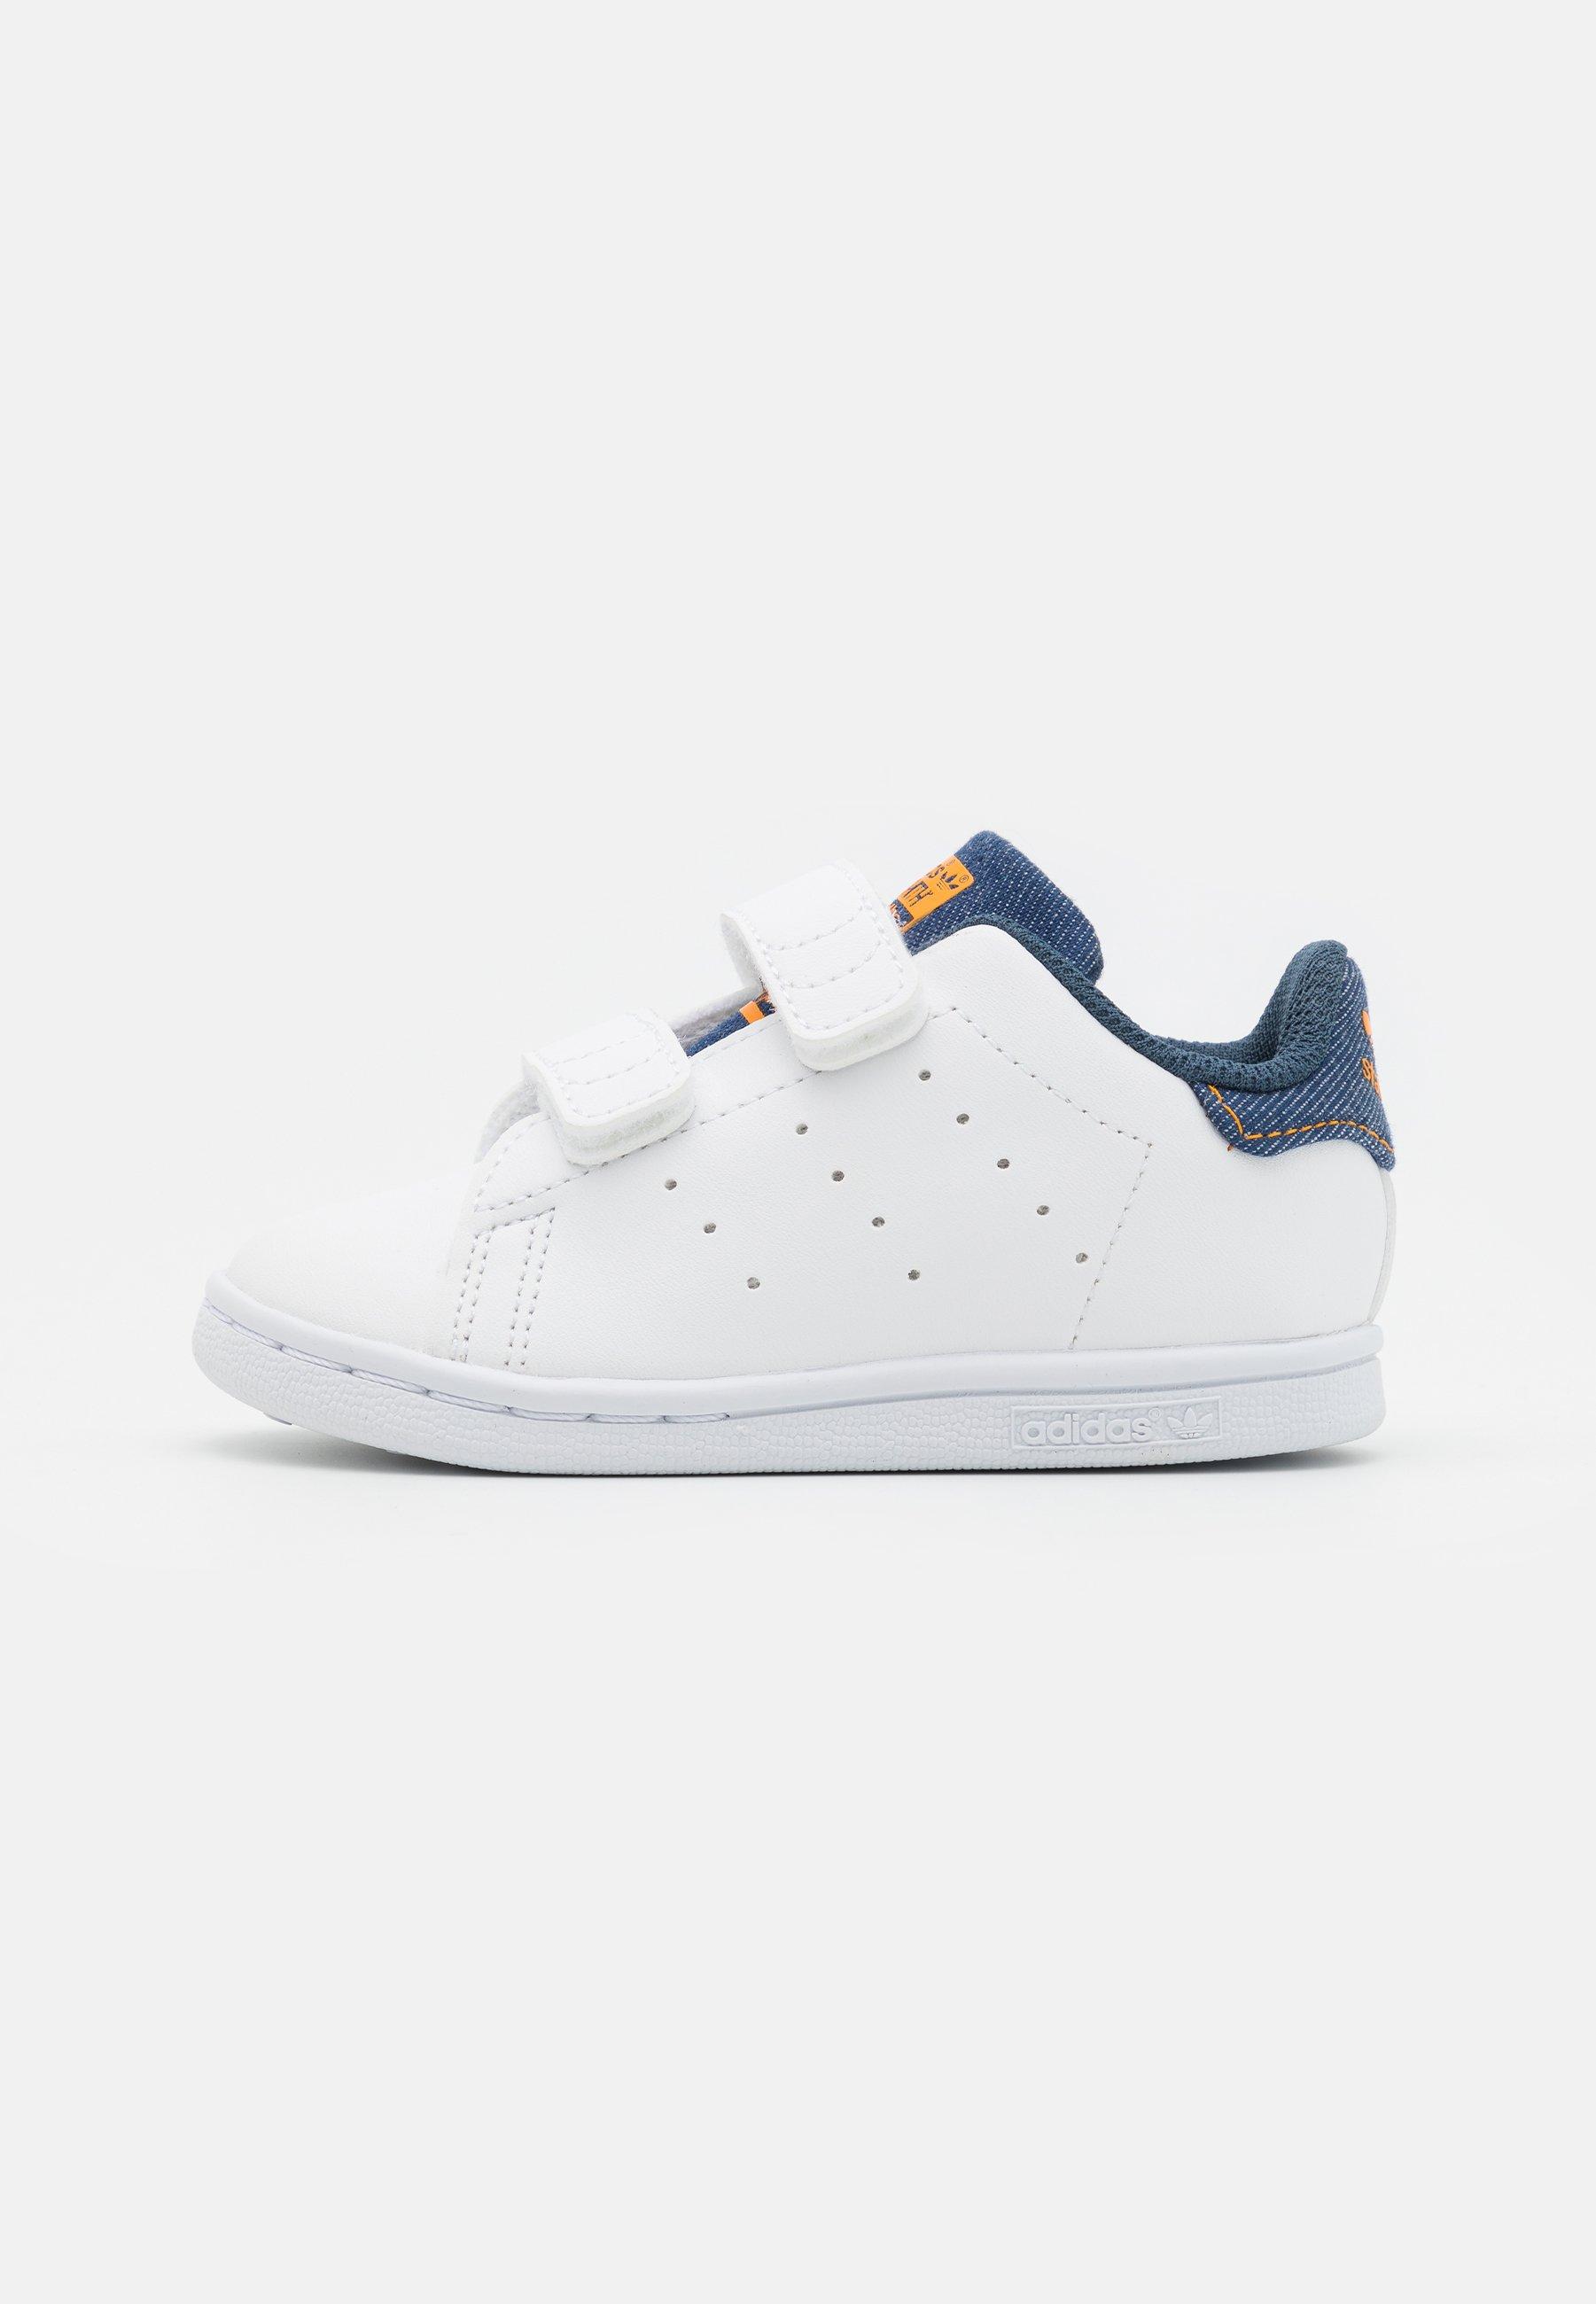 Chaussures enfant adidas en ligne sur la boutique Zalando